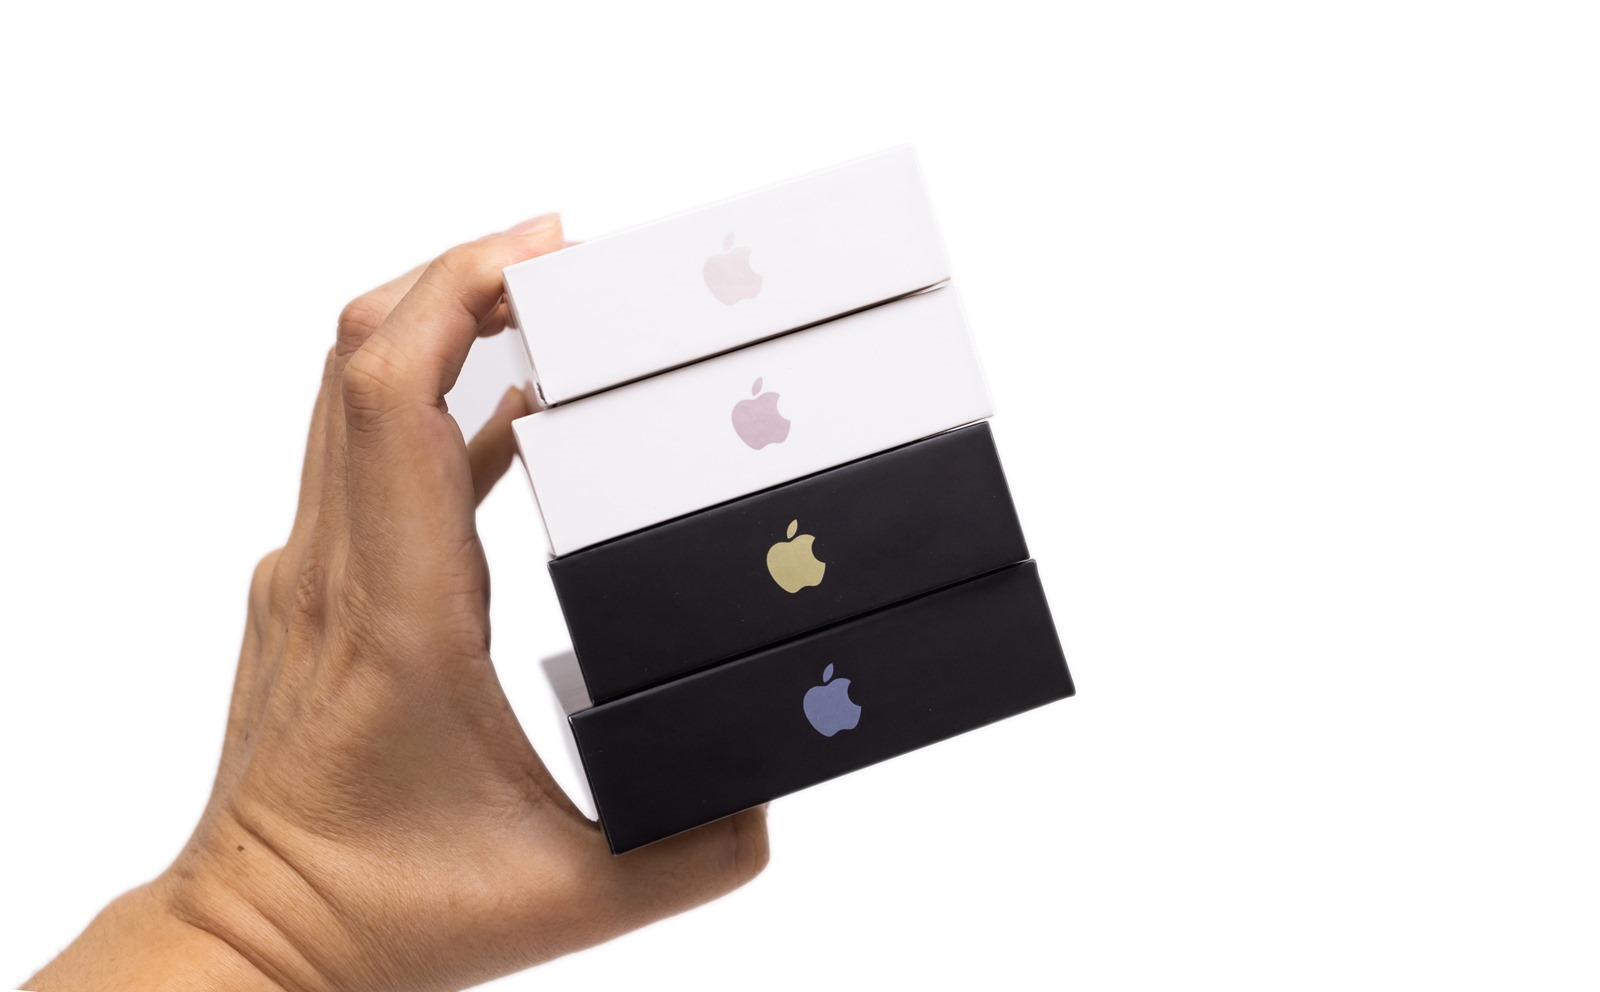 升級支援 27W 快充!Apple iPhone 13 / iPhone 13 Mini / iPhone 13 Pro / iPhone 13 Pro Max 全機型充電速度實測結果! @3C 達人廖阿輝